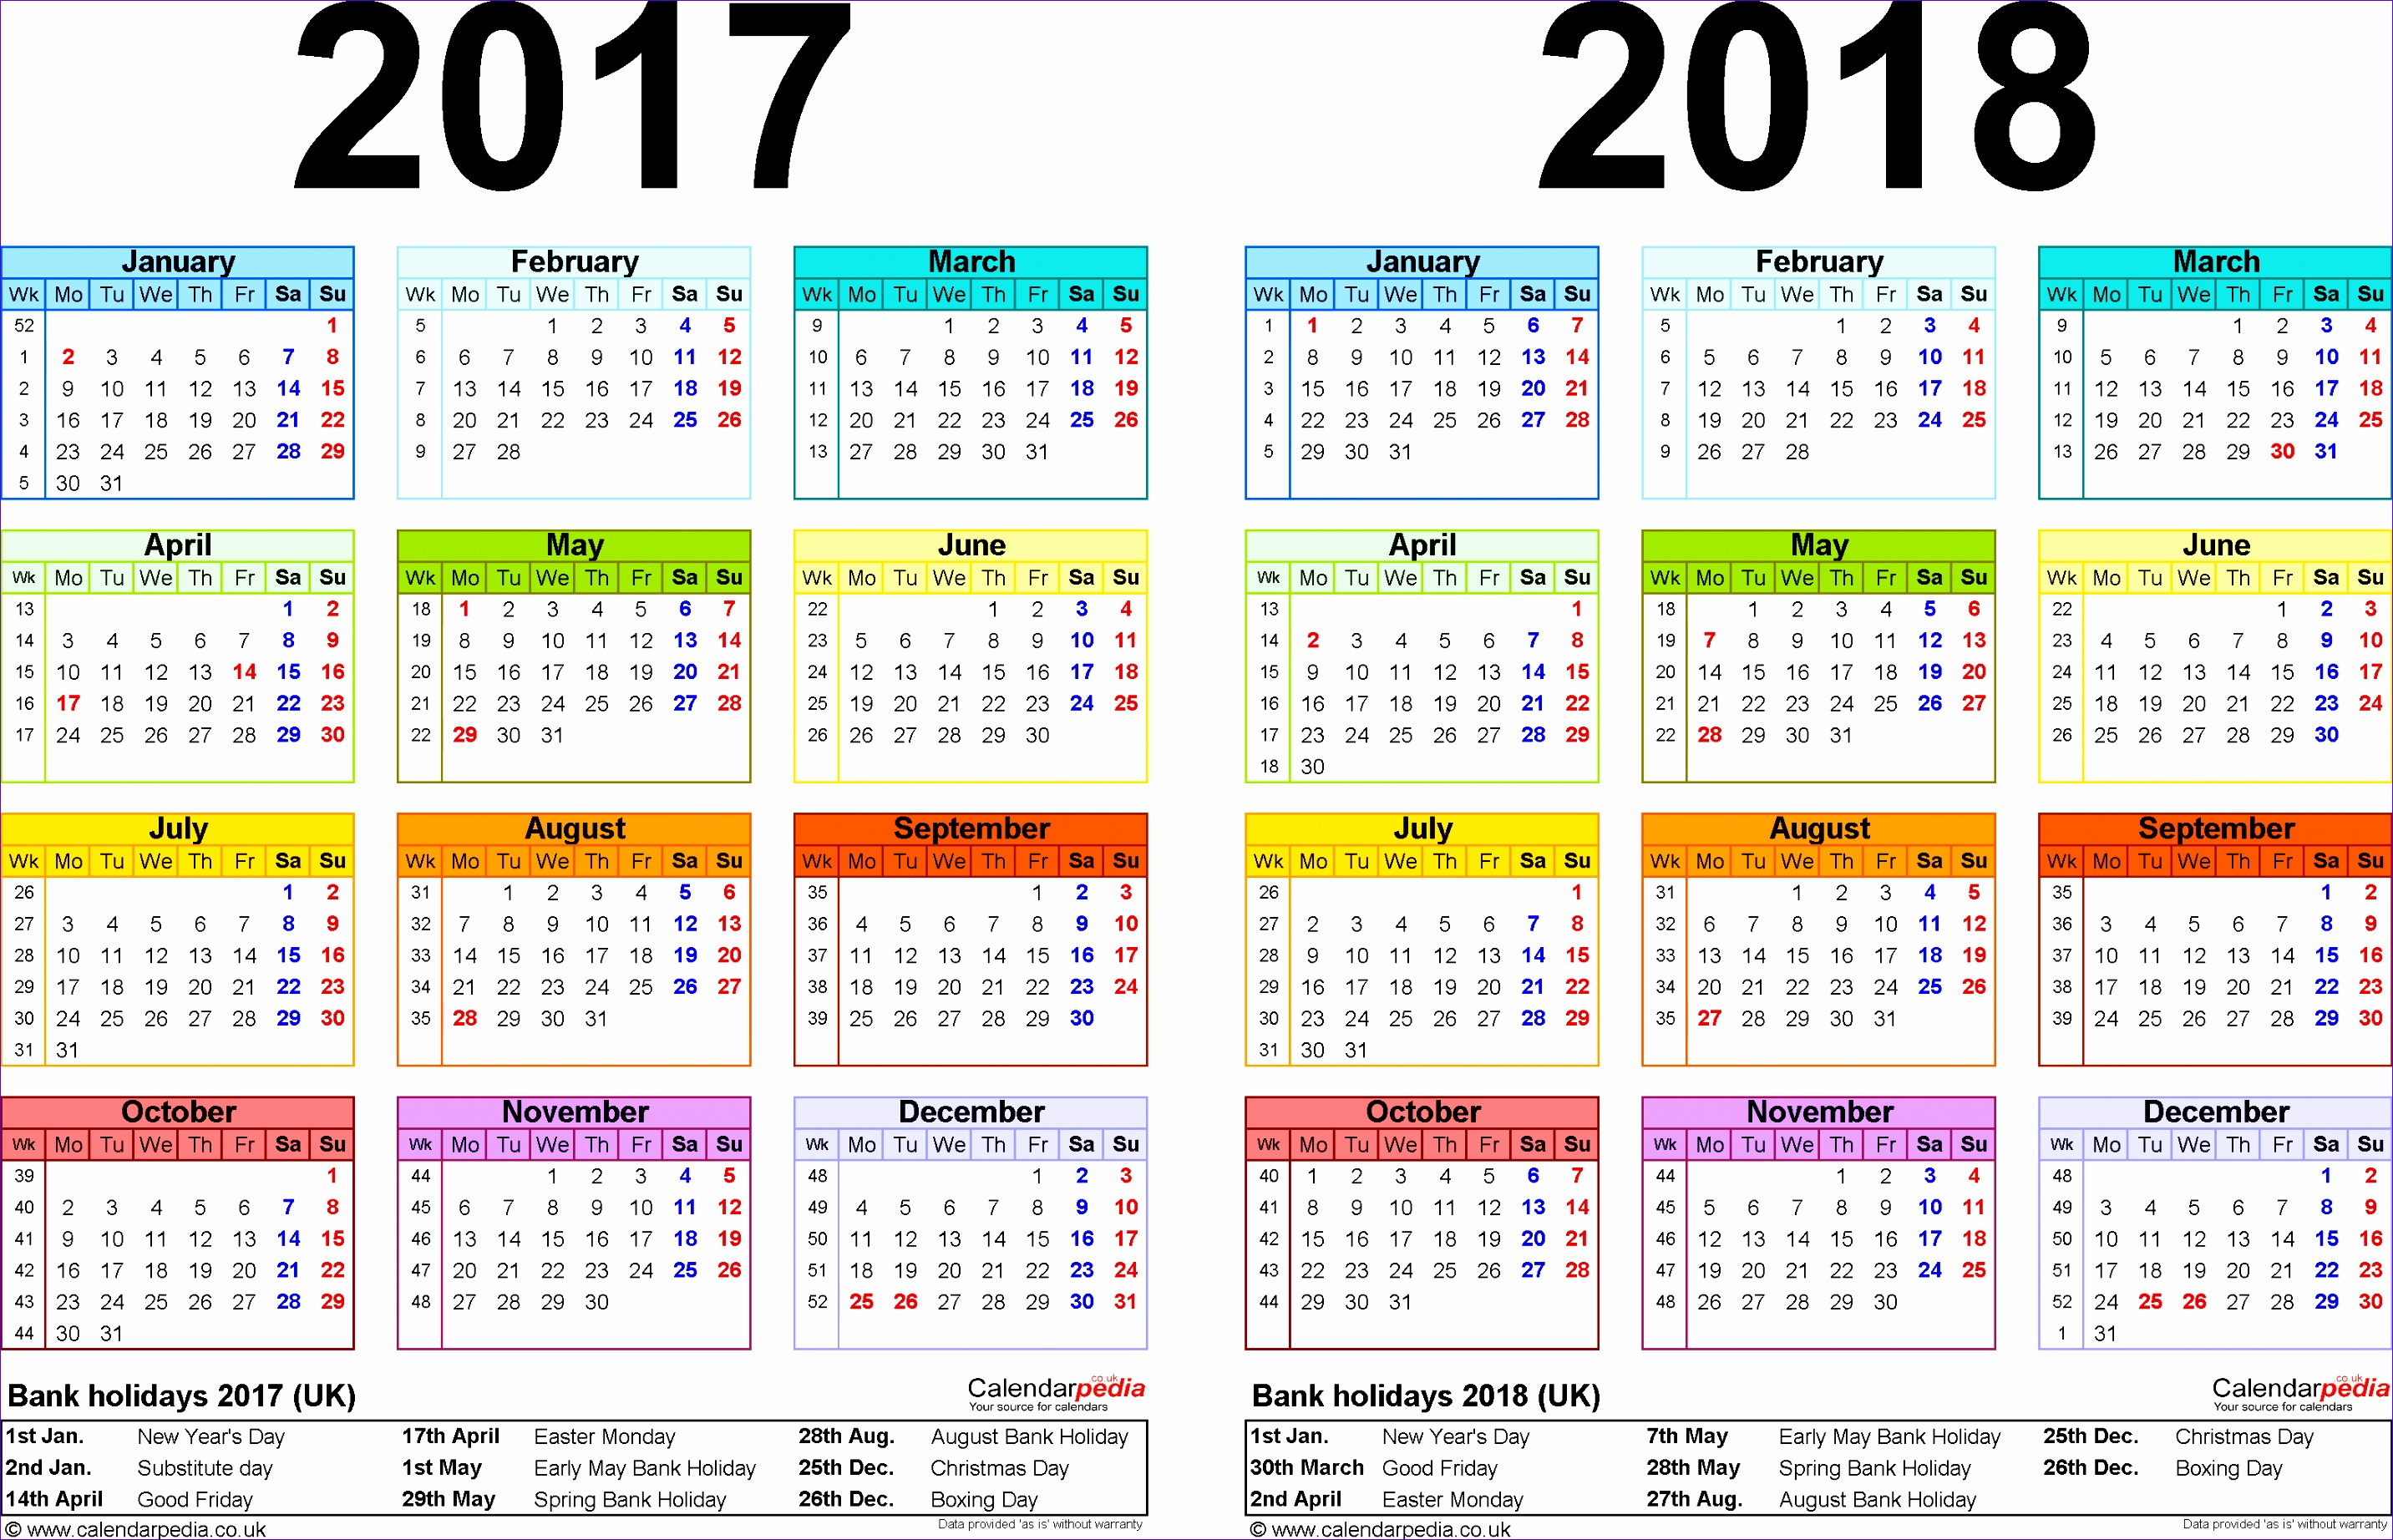 2017 calendar uk 456 28651844